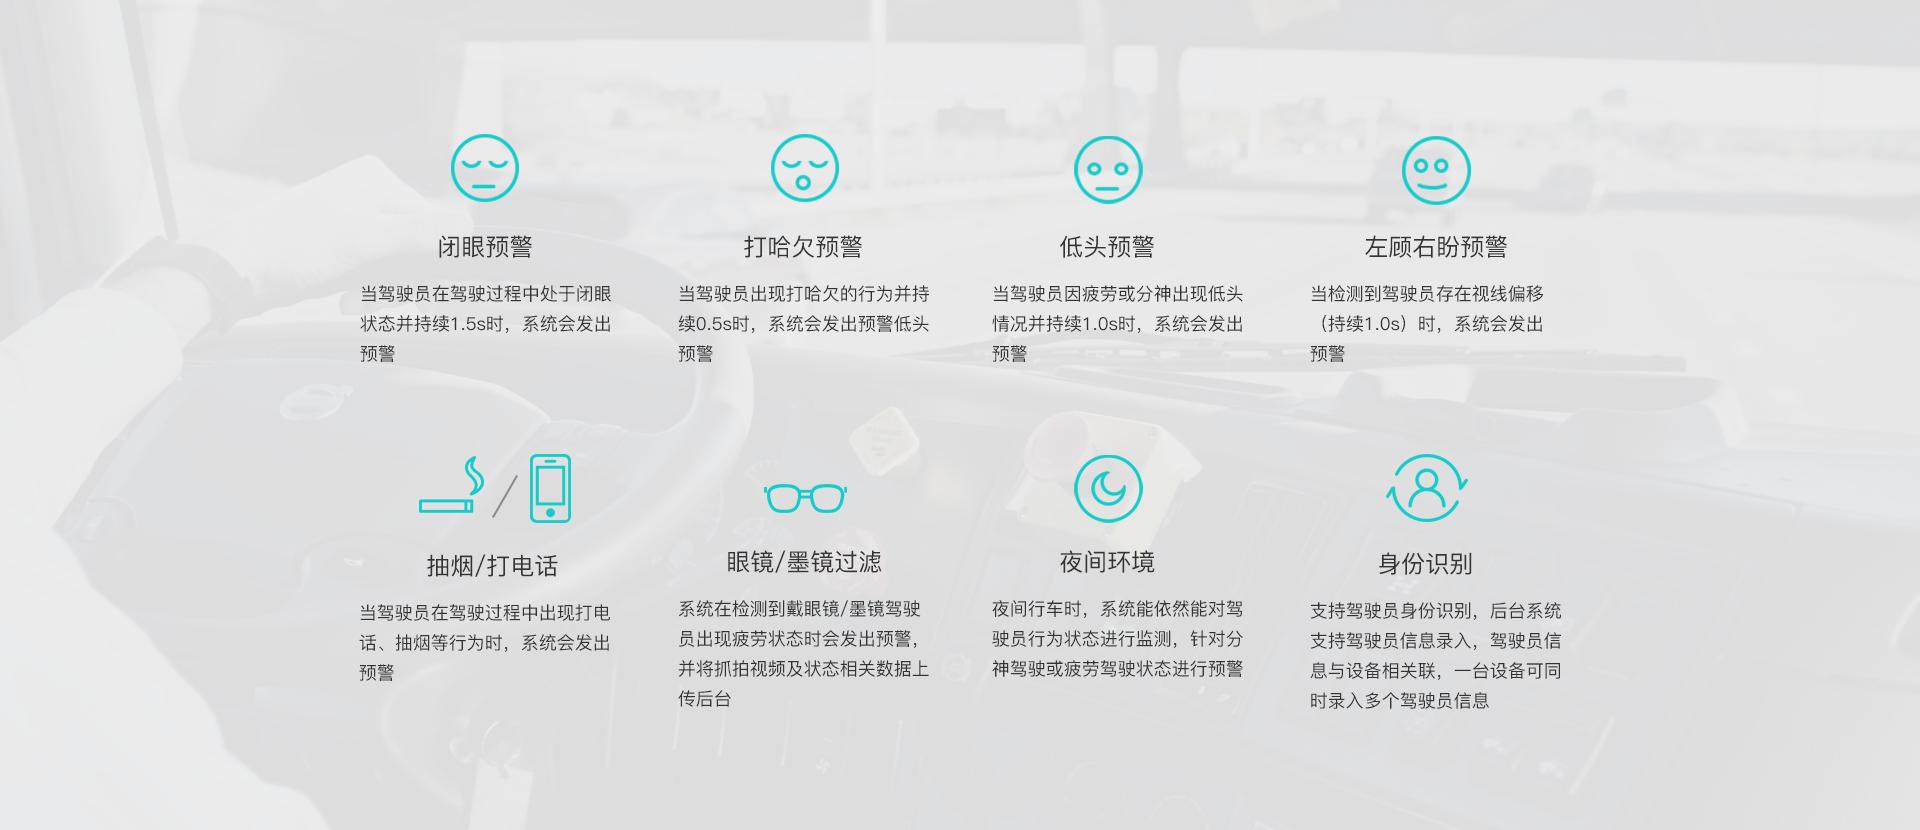 疲劳驾驶识别(国朗科技)